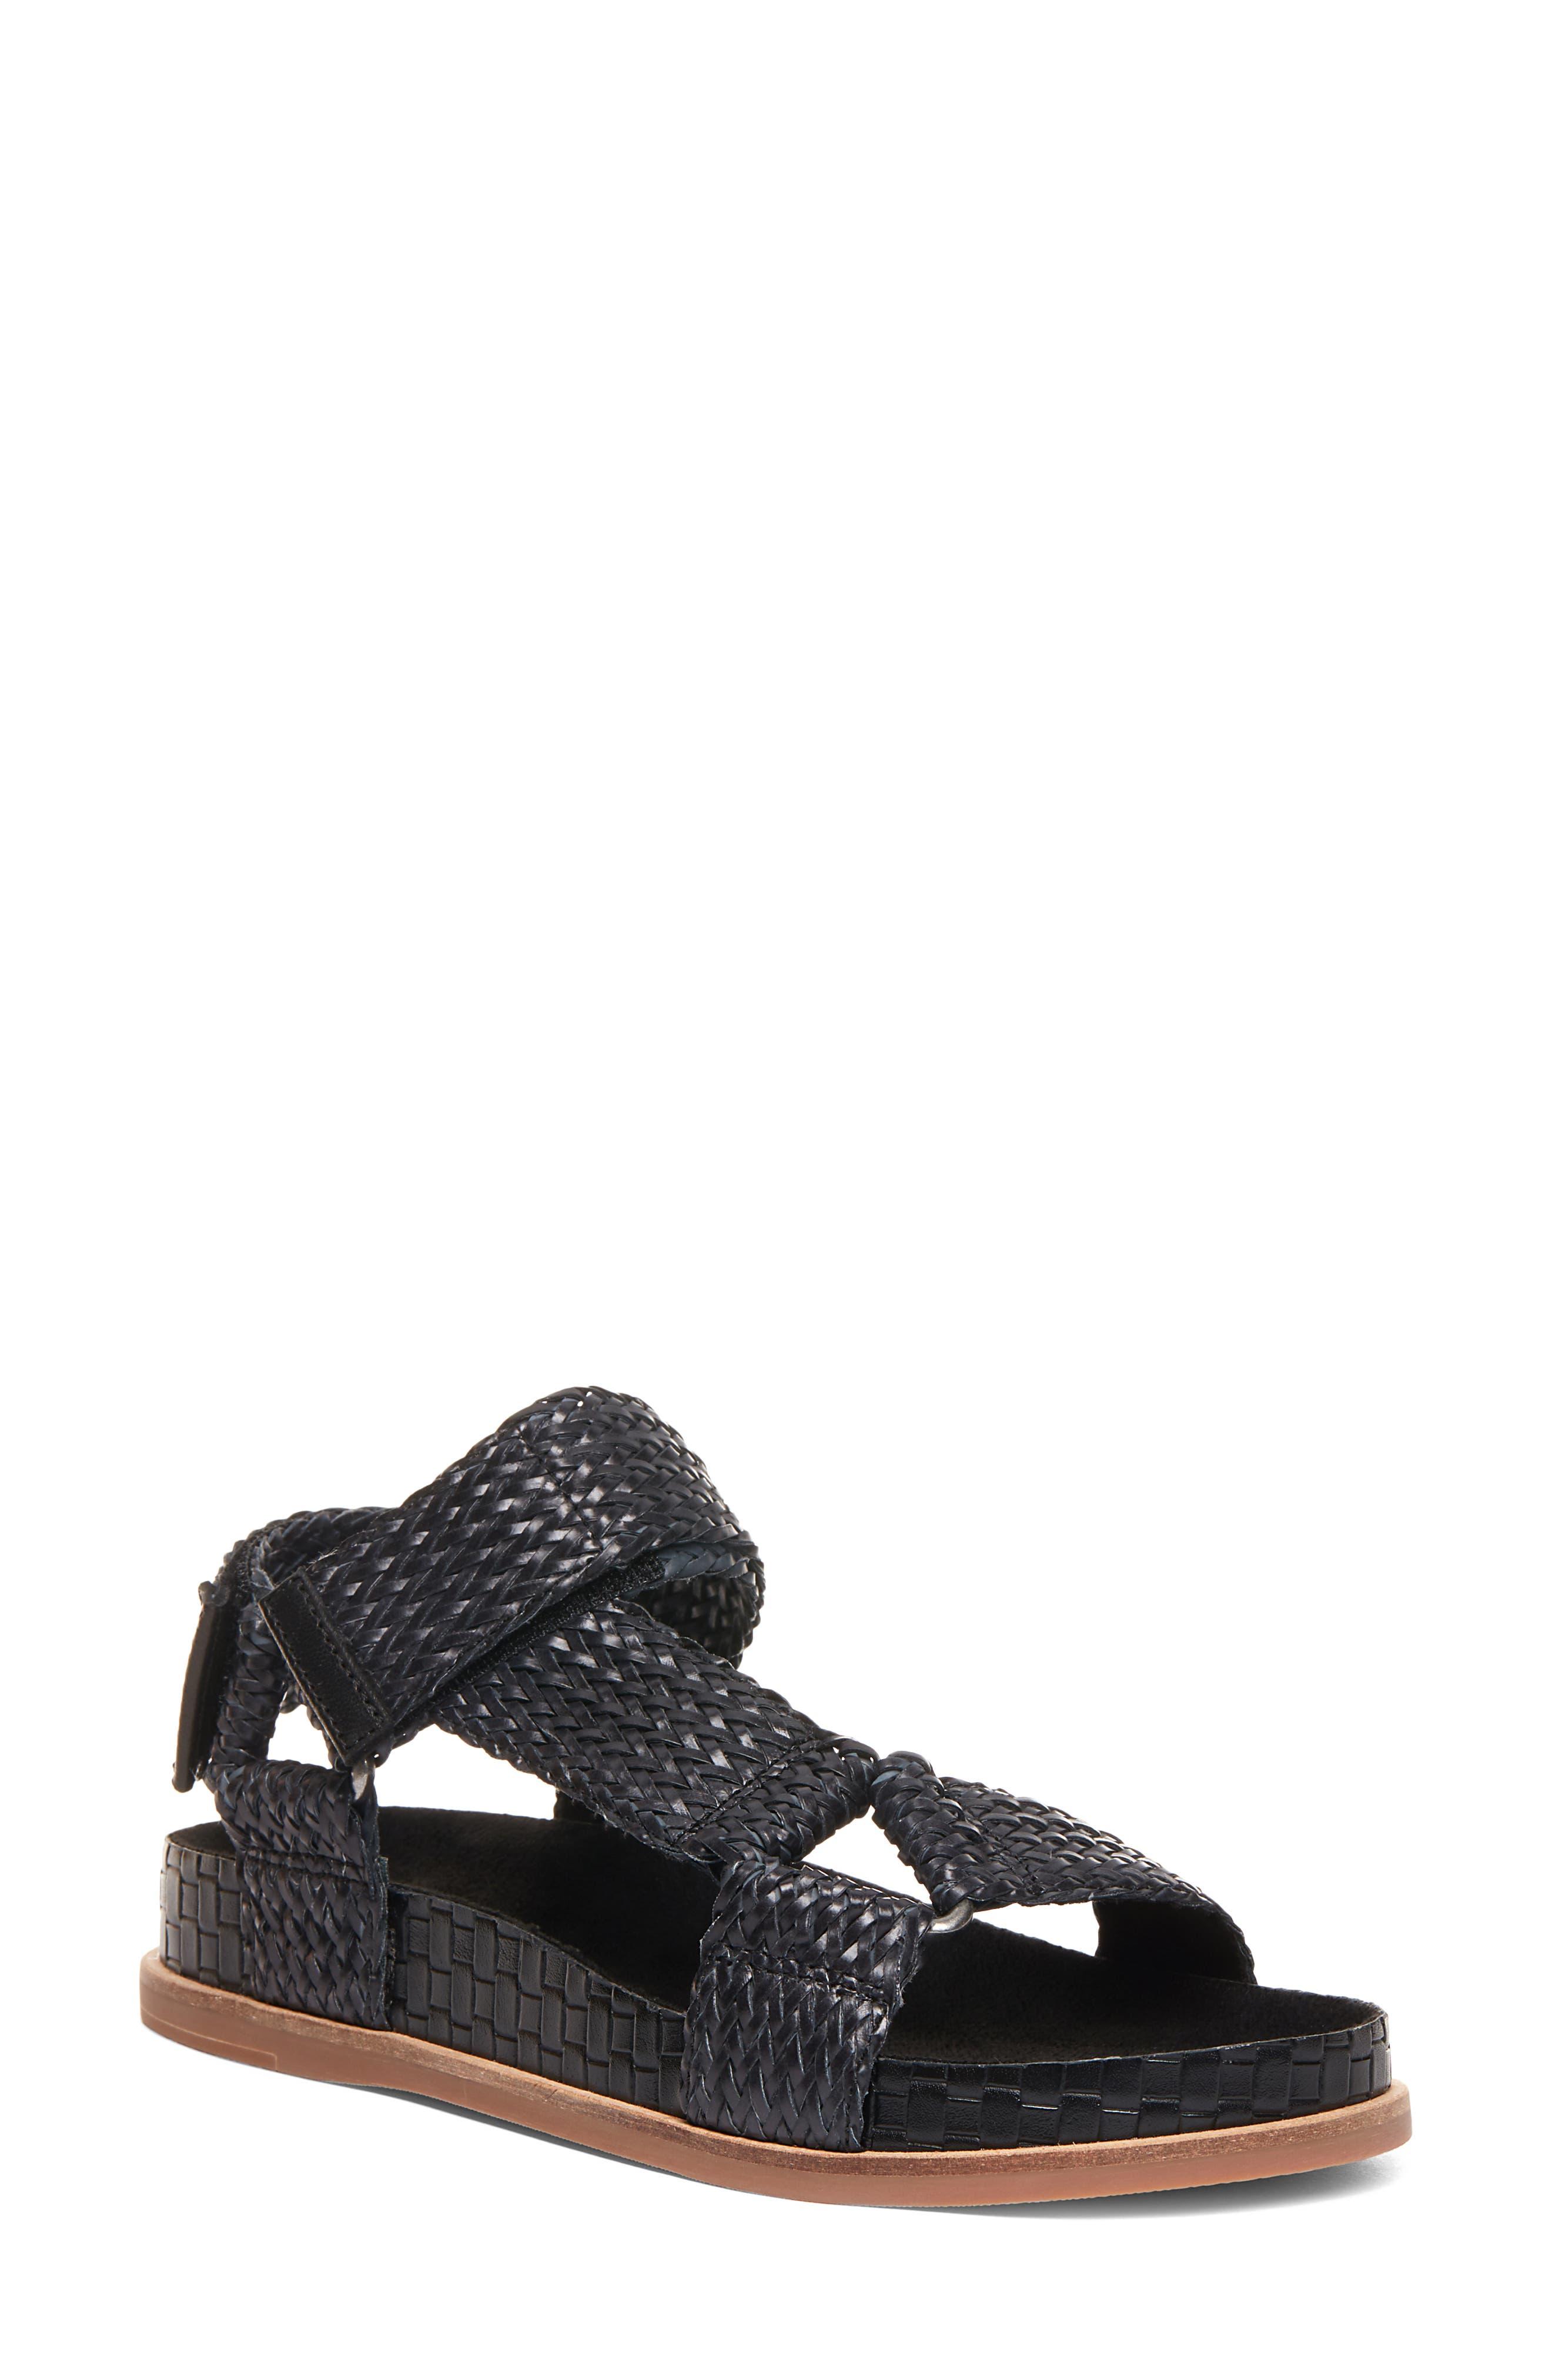 Spark Woven Sandal